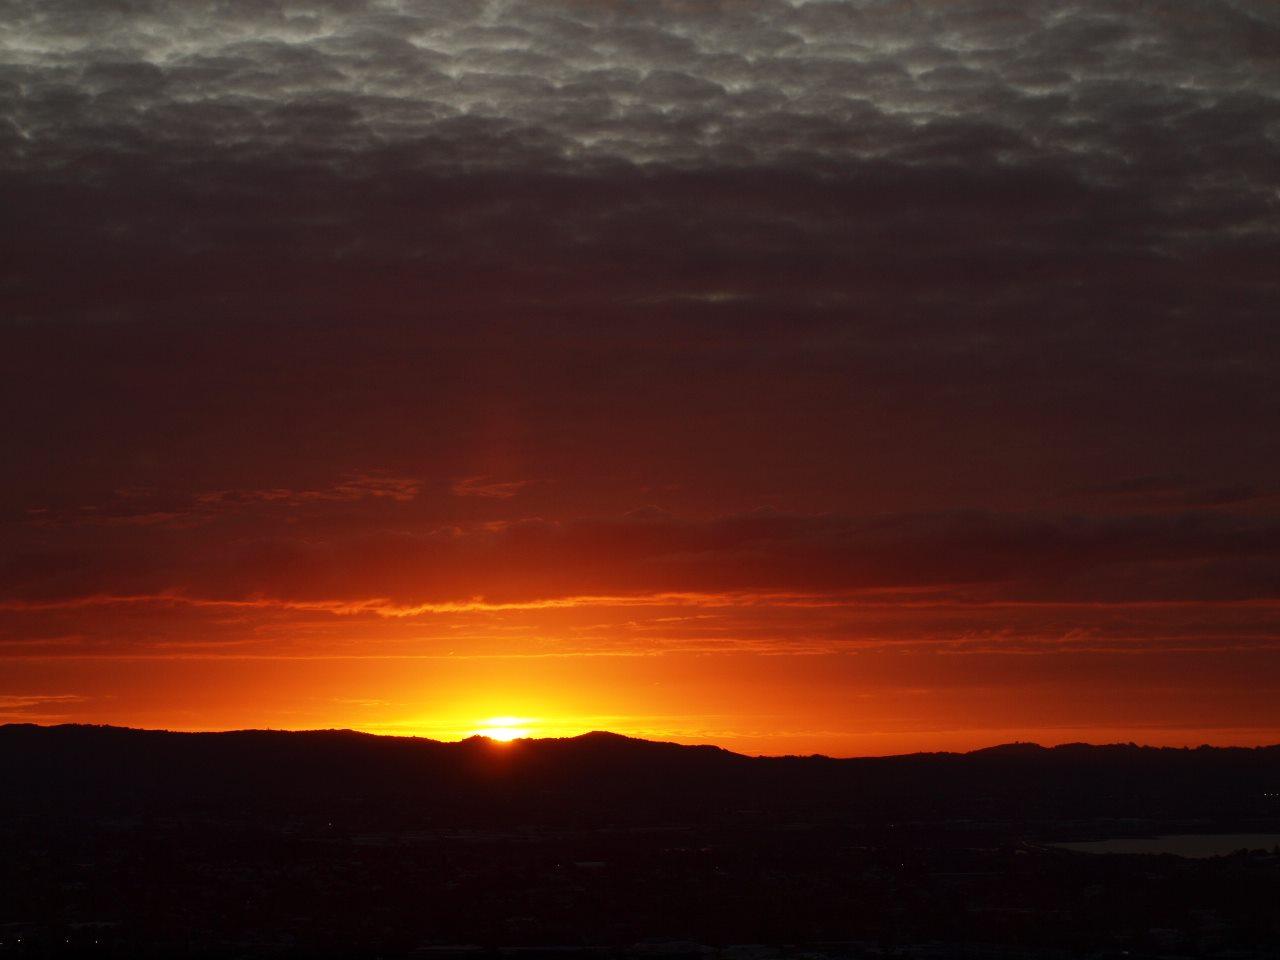 マウント・イーデンから。ワイタケレの山に夕日が落ちる